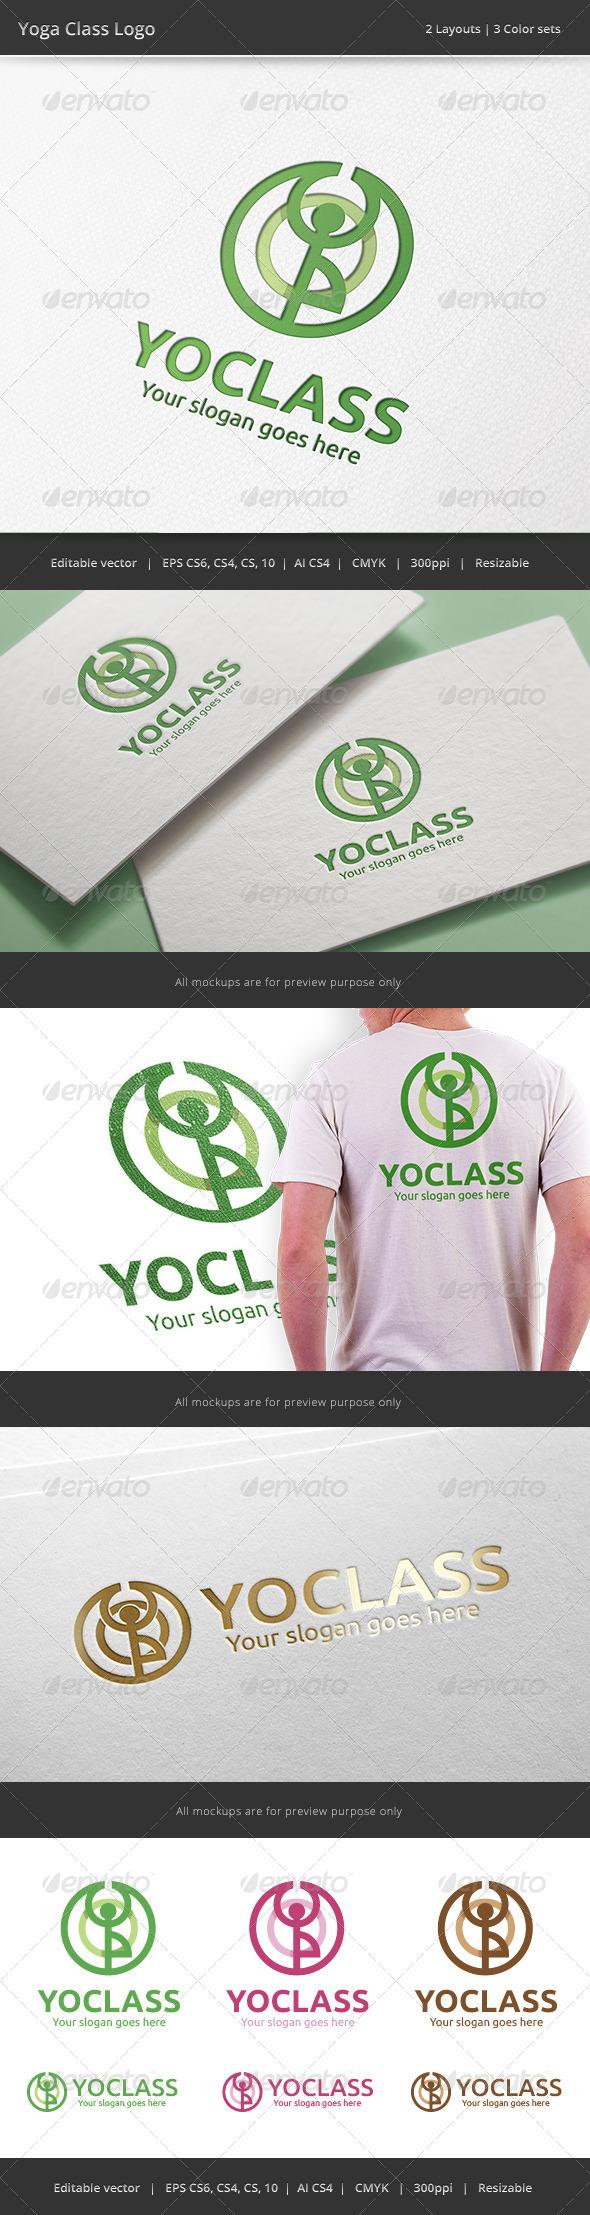 GraphicRiver Yoga Class Logo 7963426